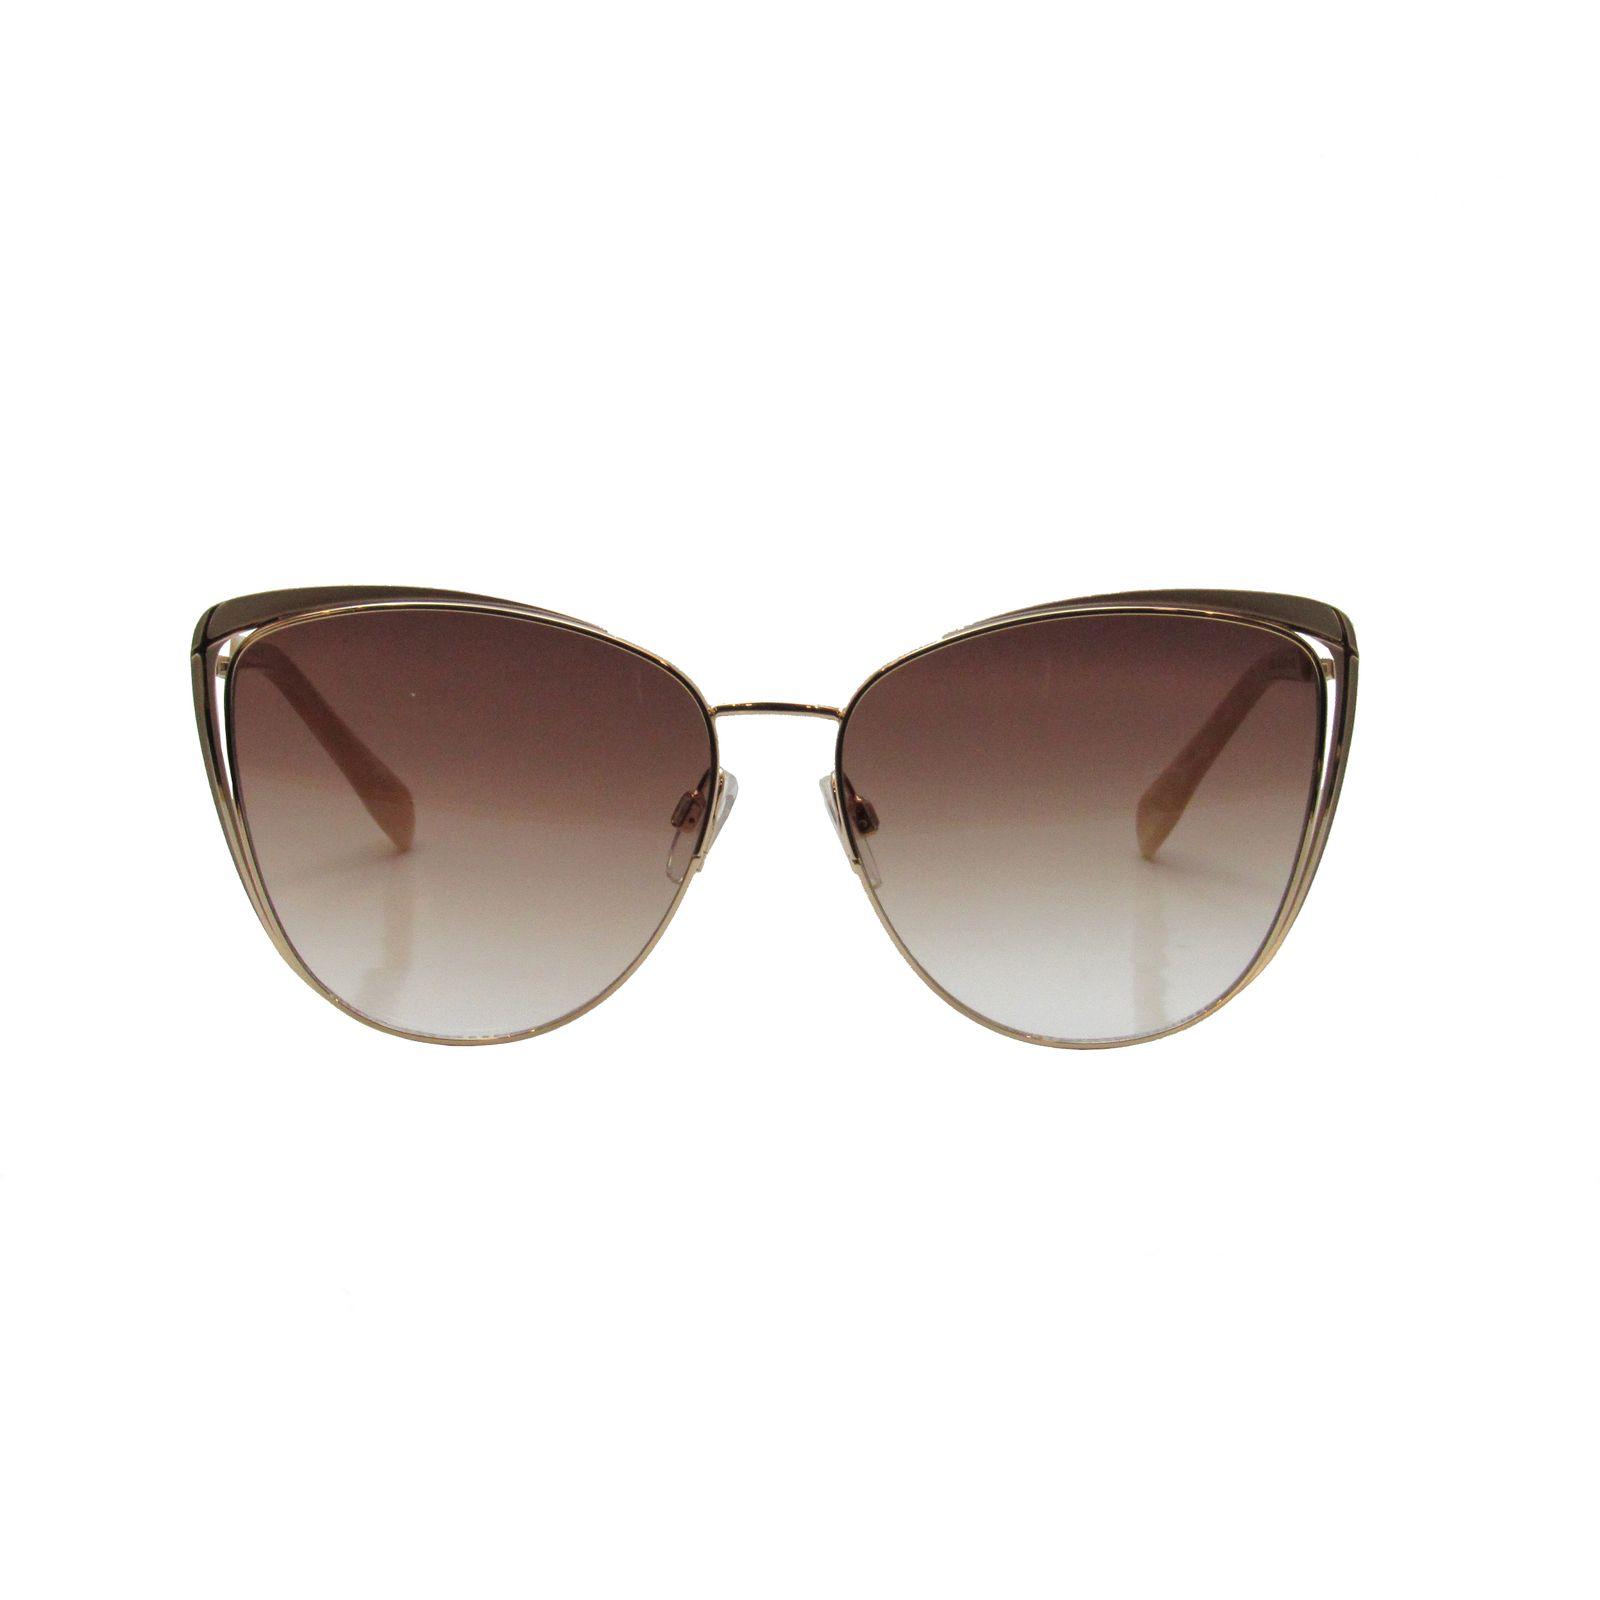 عینک آفتابی زنانه بولگت مدل BG3250 - 08A -  - 2